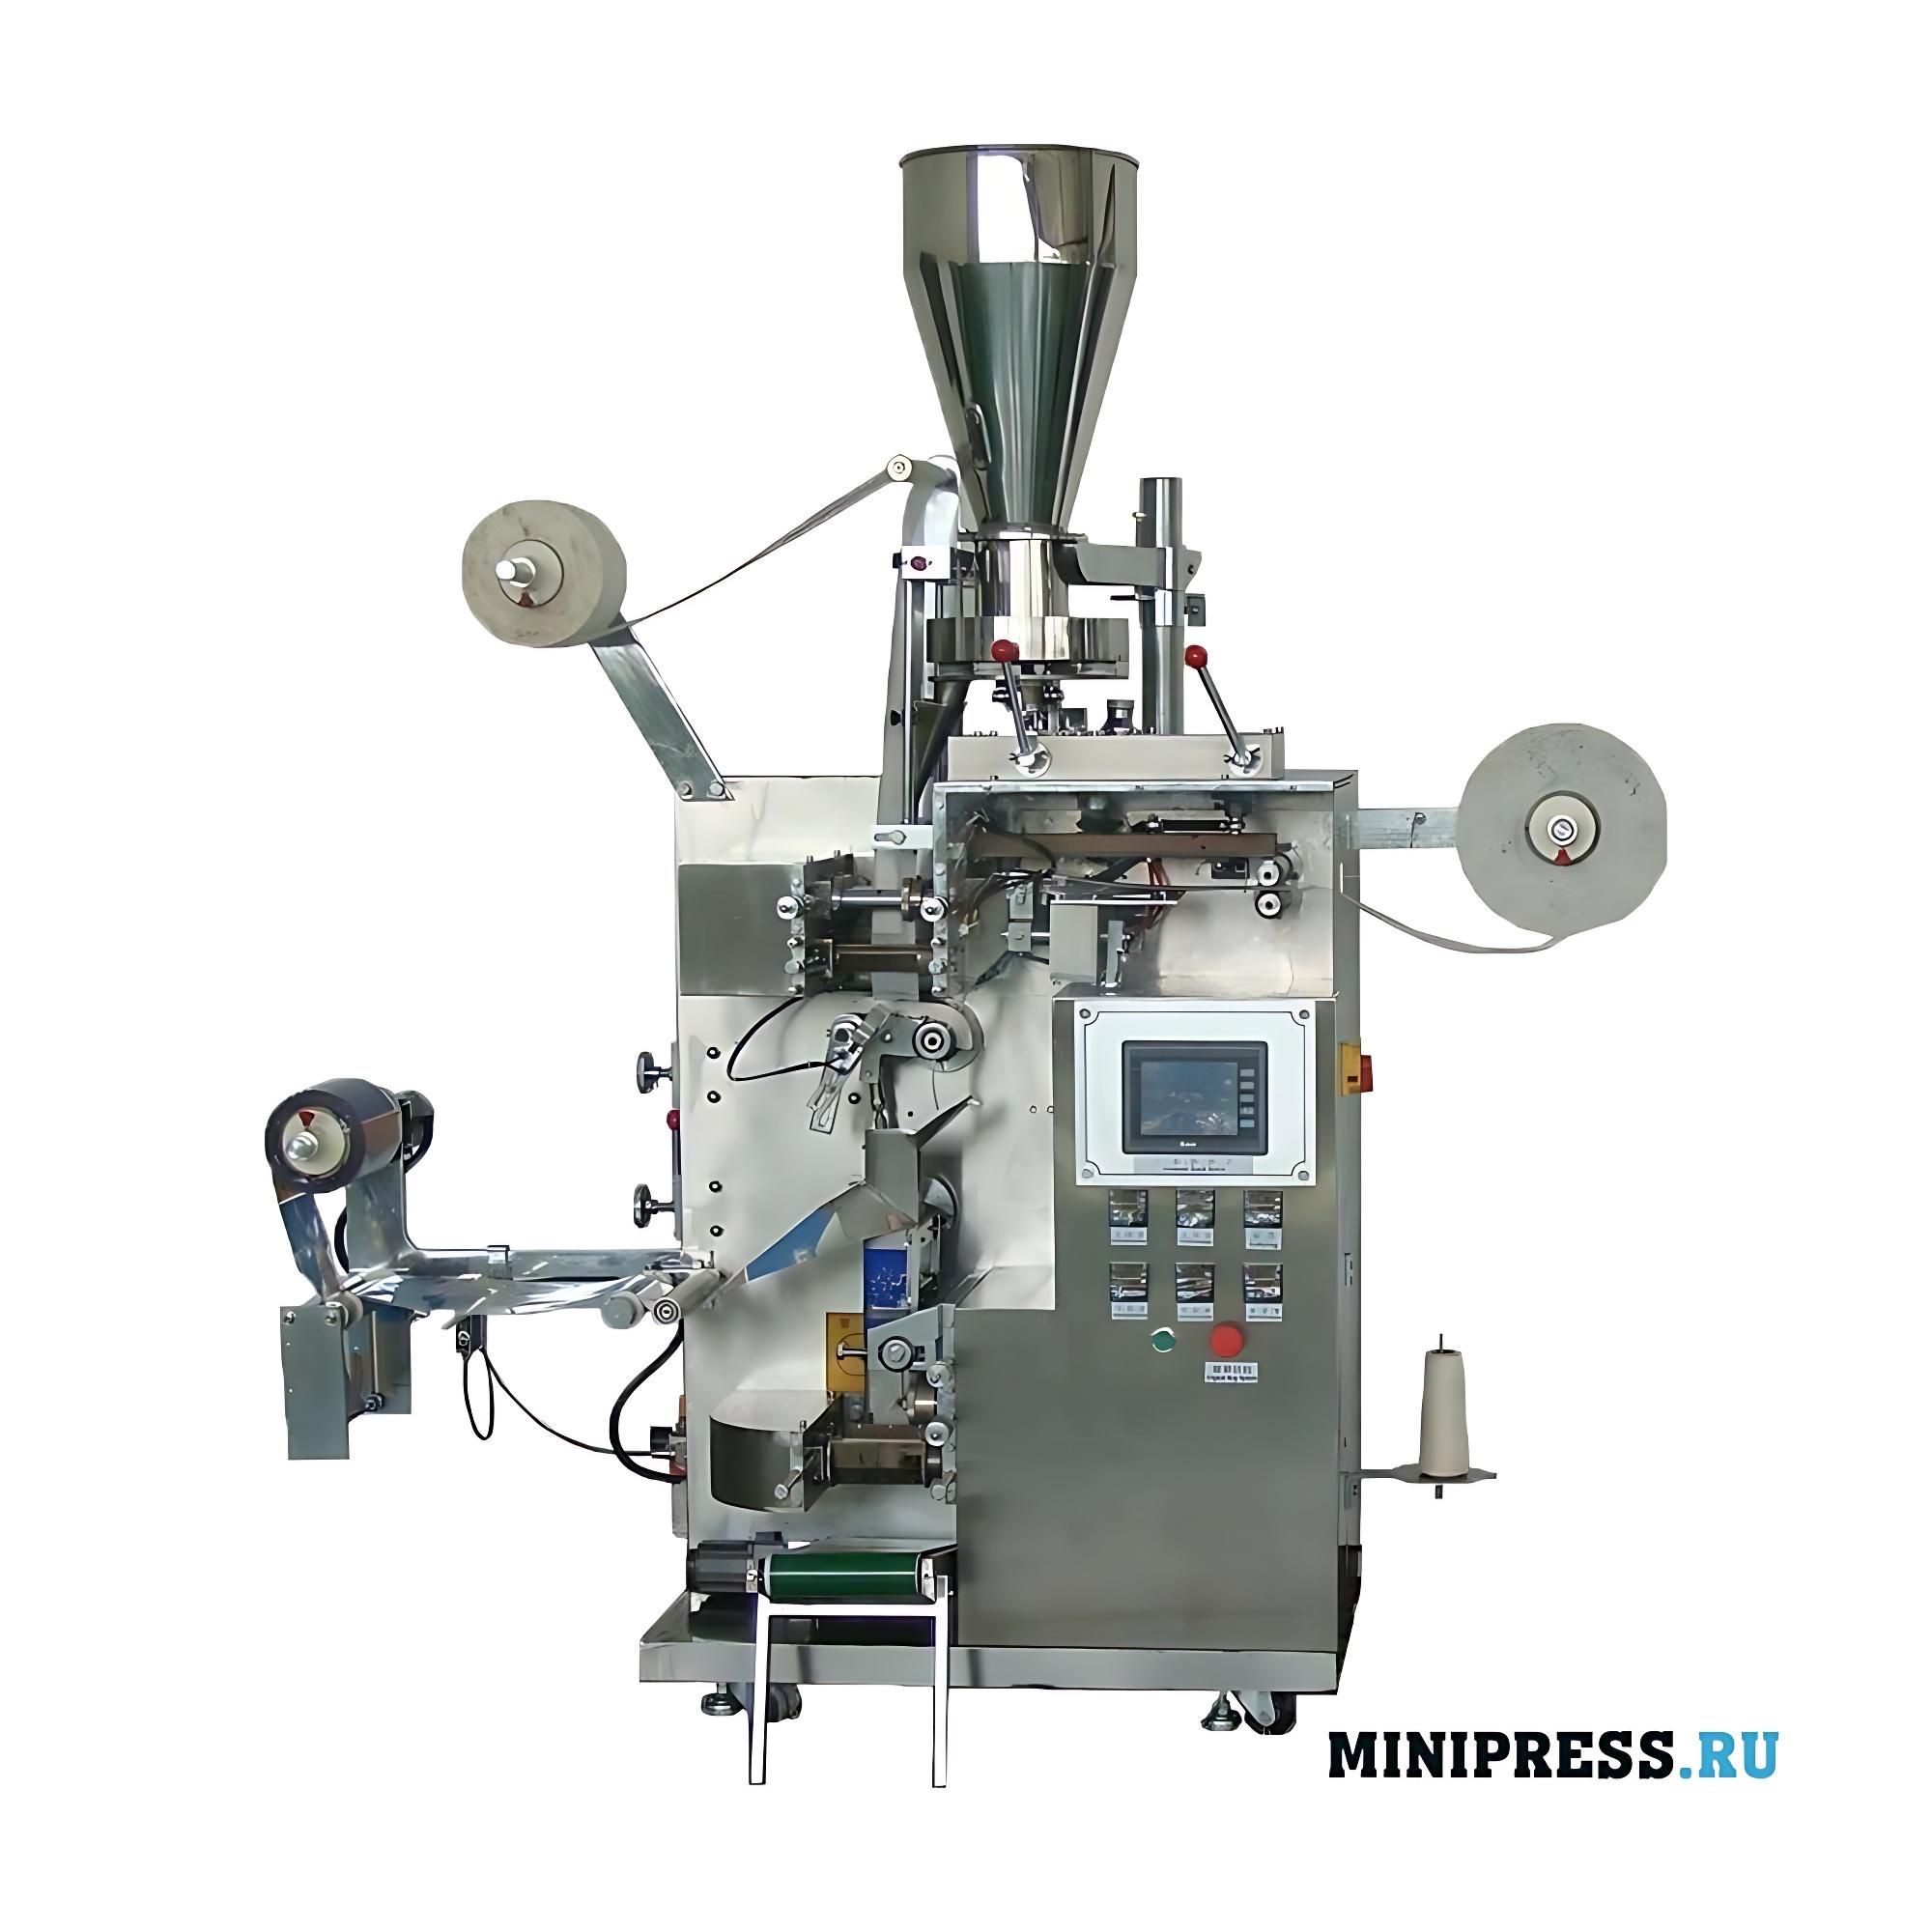 Автоматическое оборудование для фасовки чая и упаковки во внешний пакетик